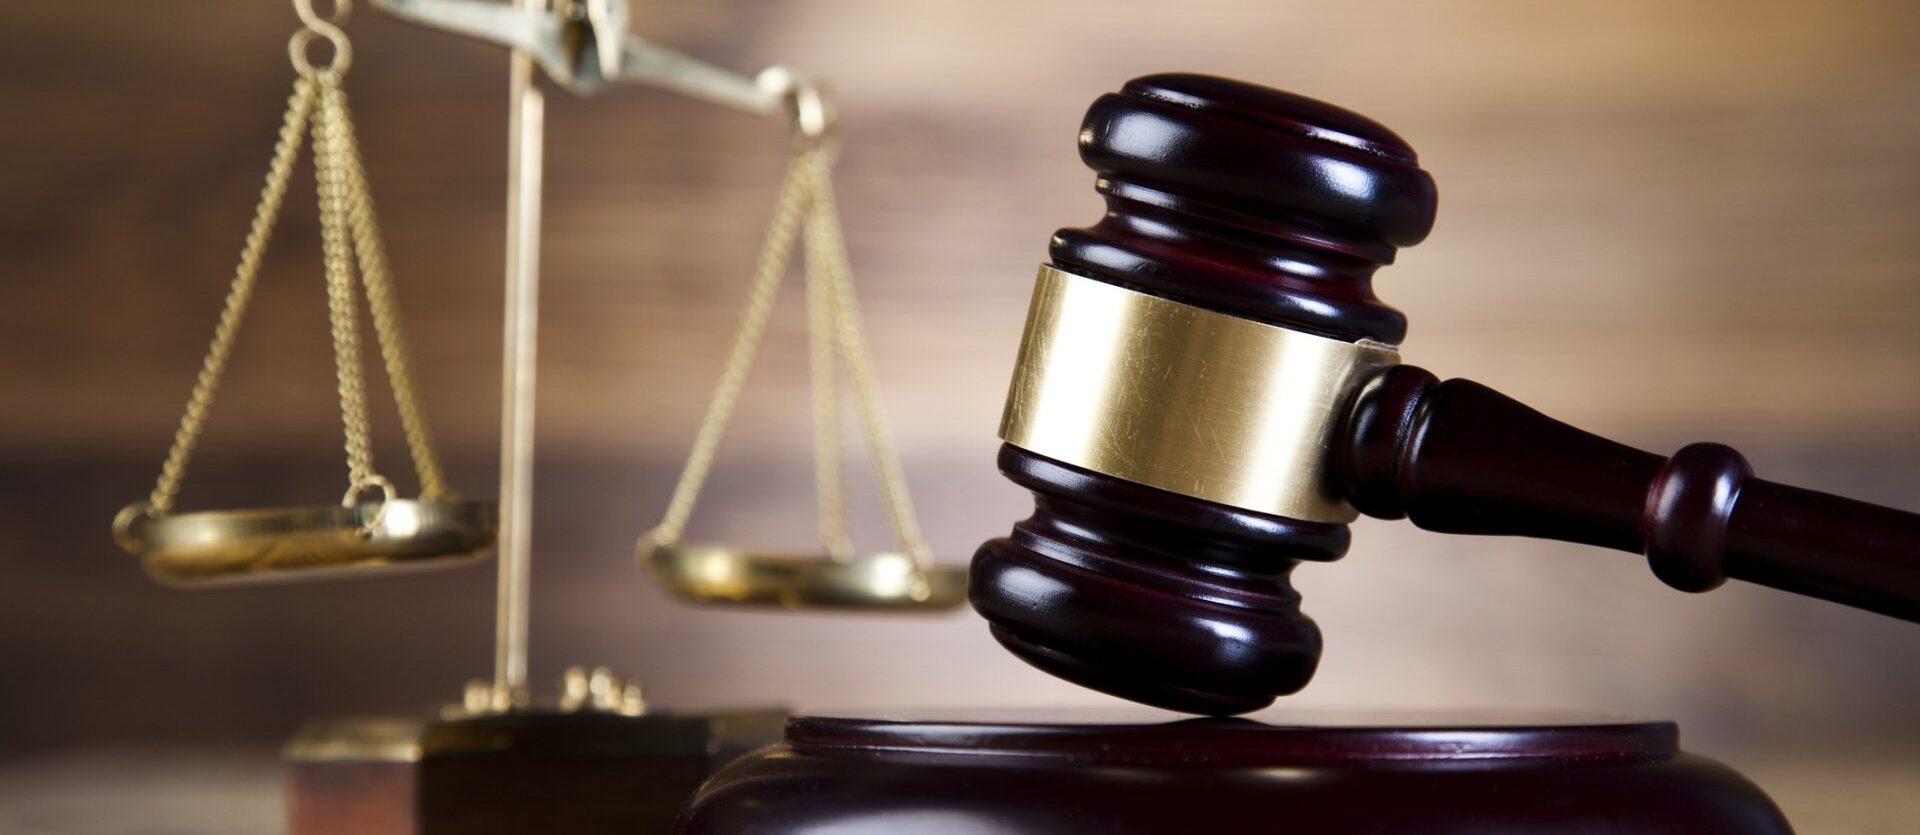 Исковое заявление в суд о клевете